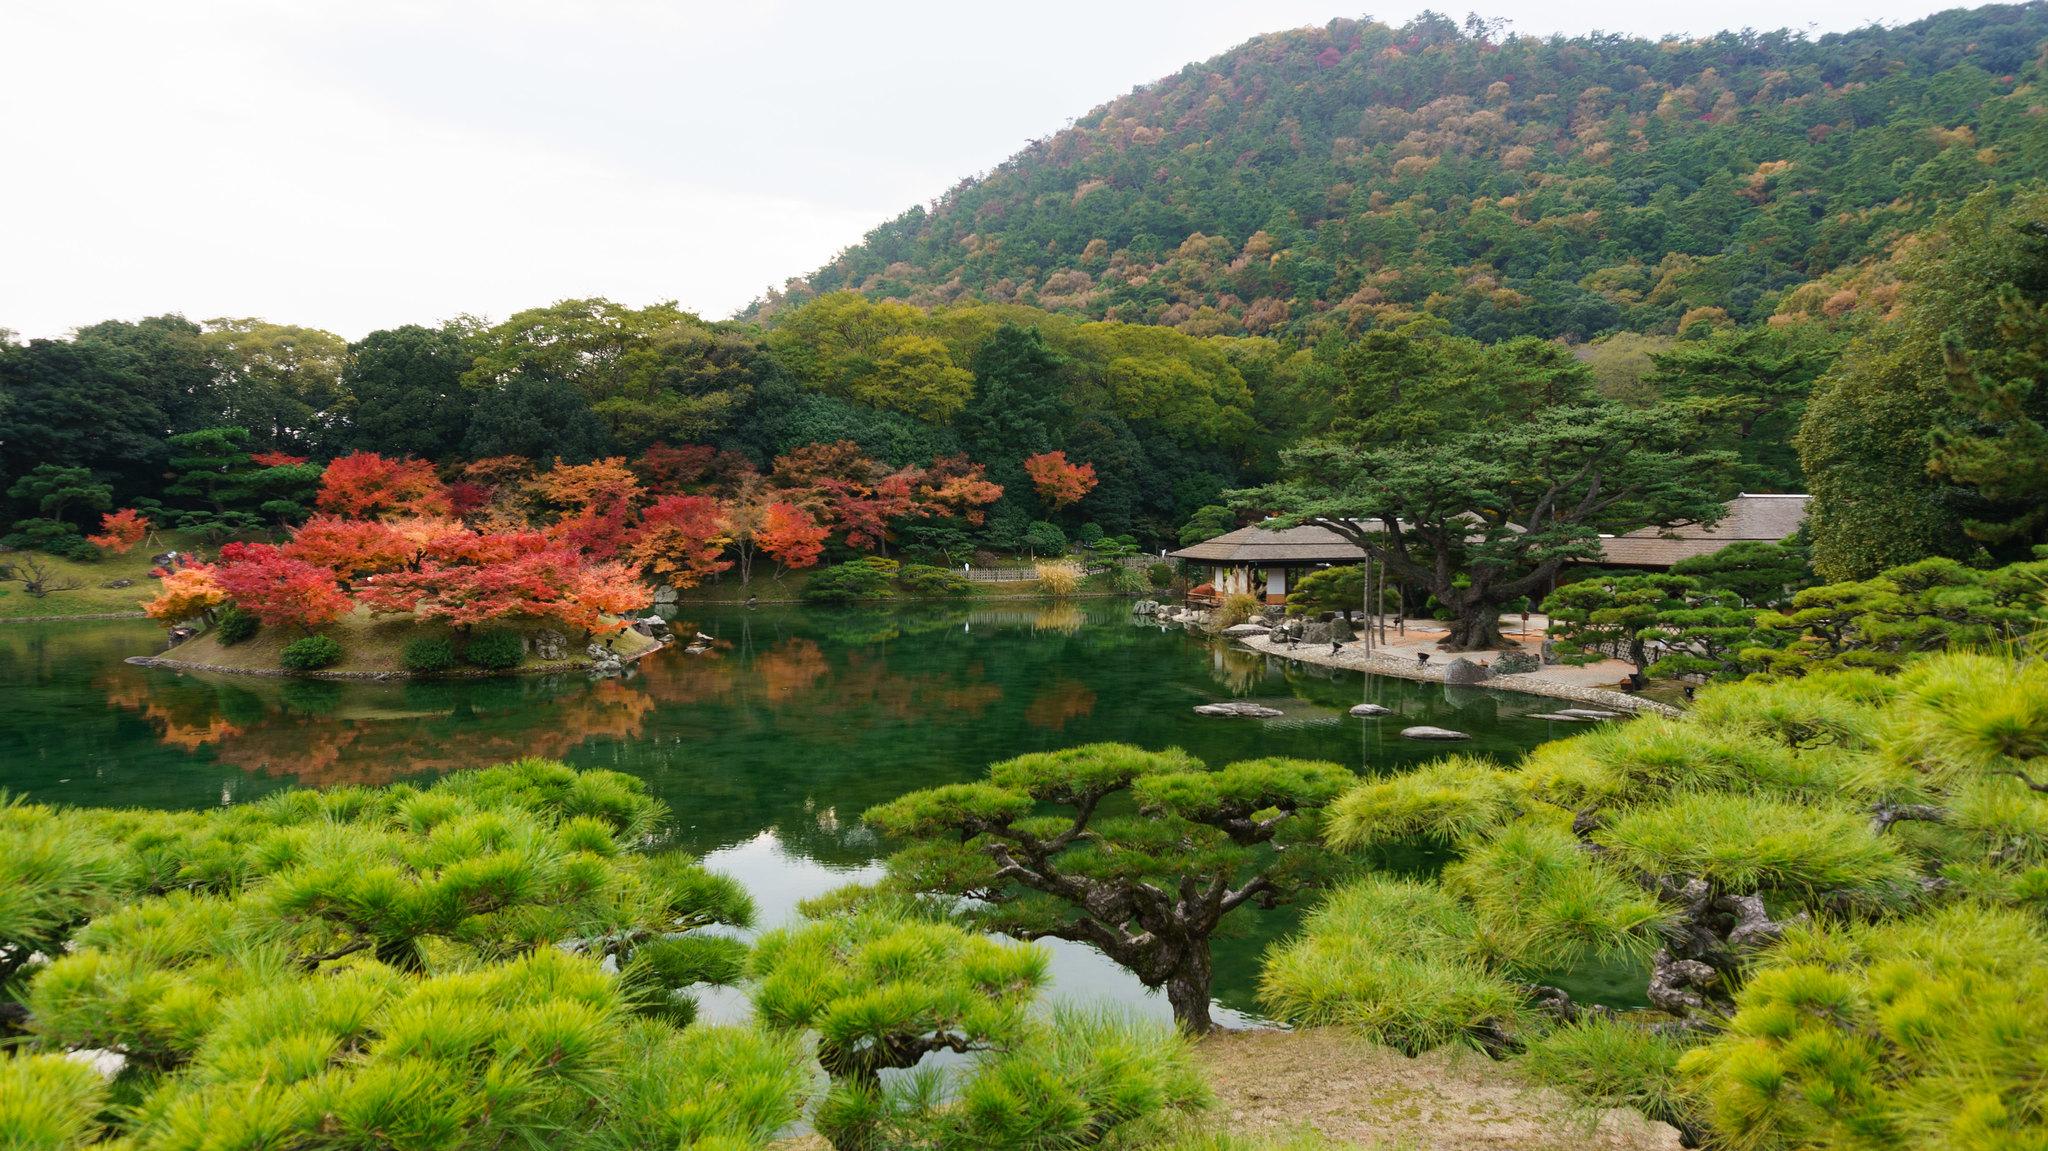 giardino panoramico giapponese